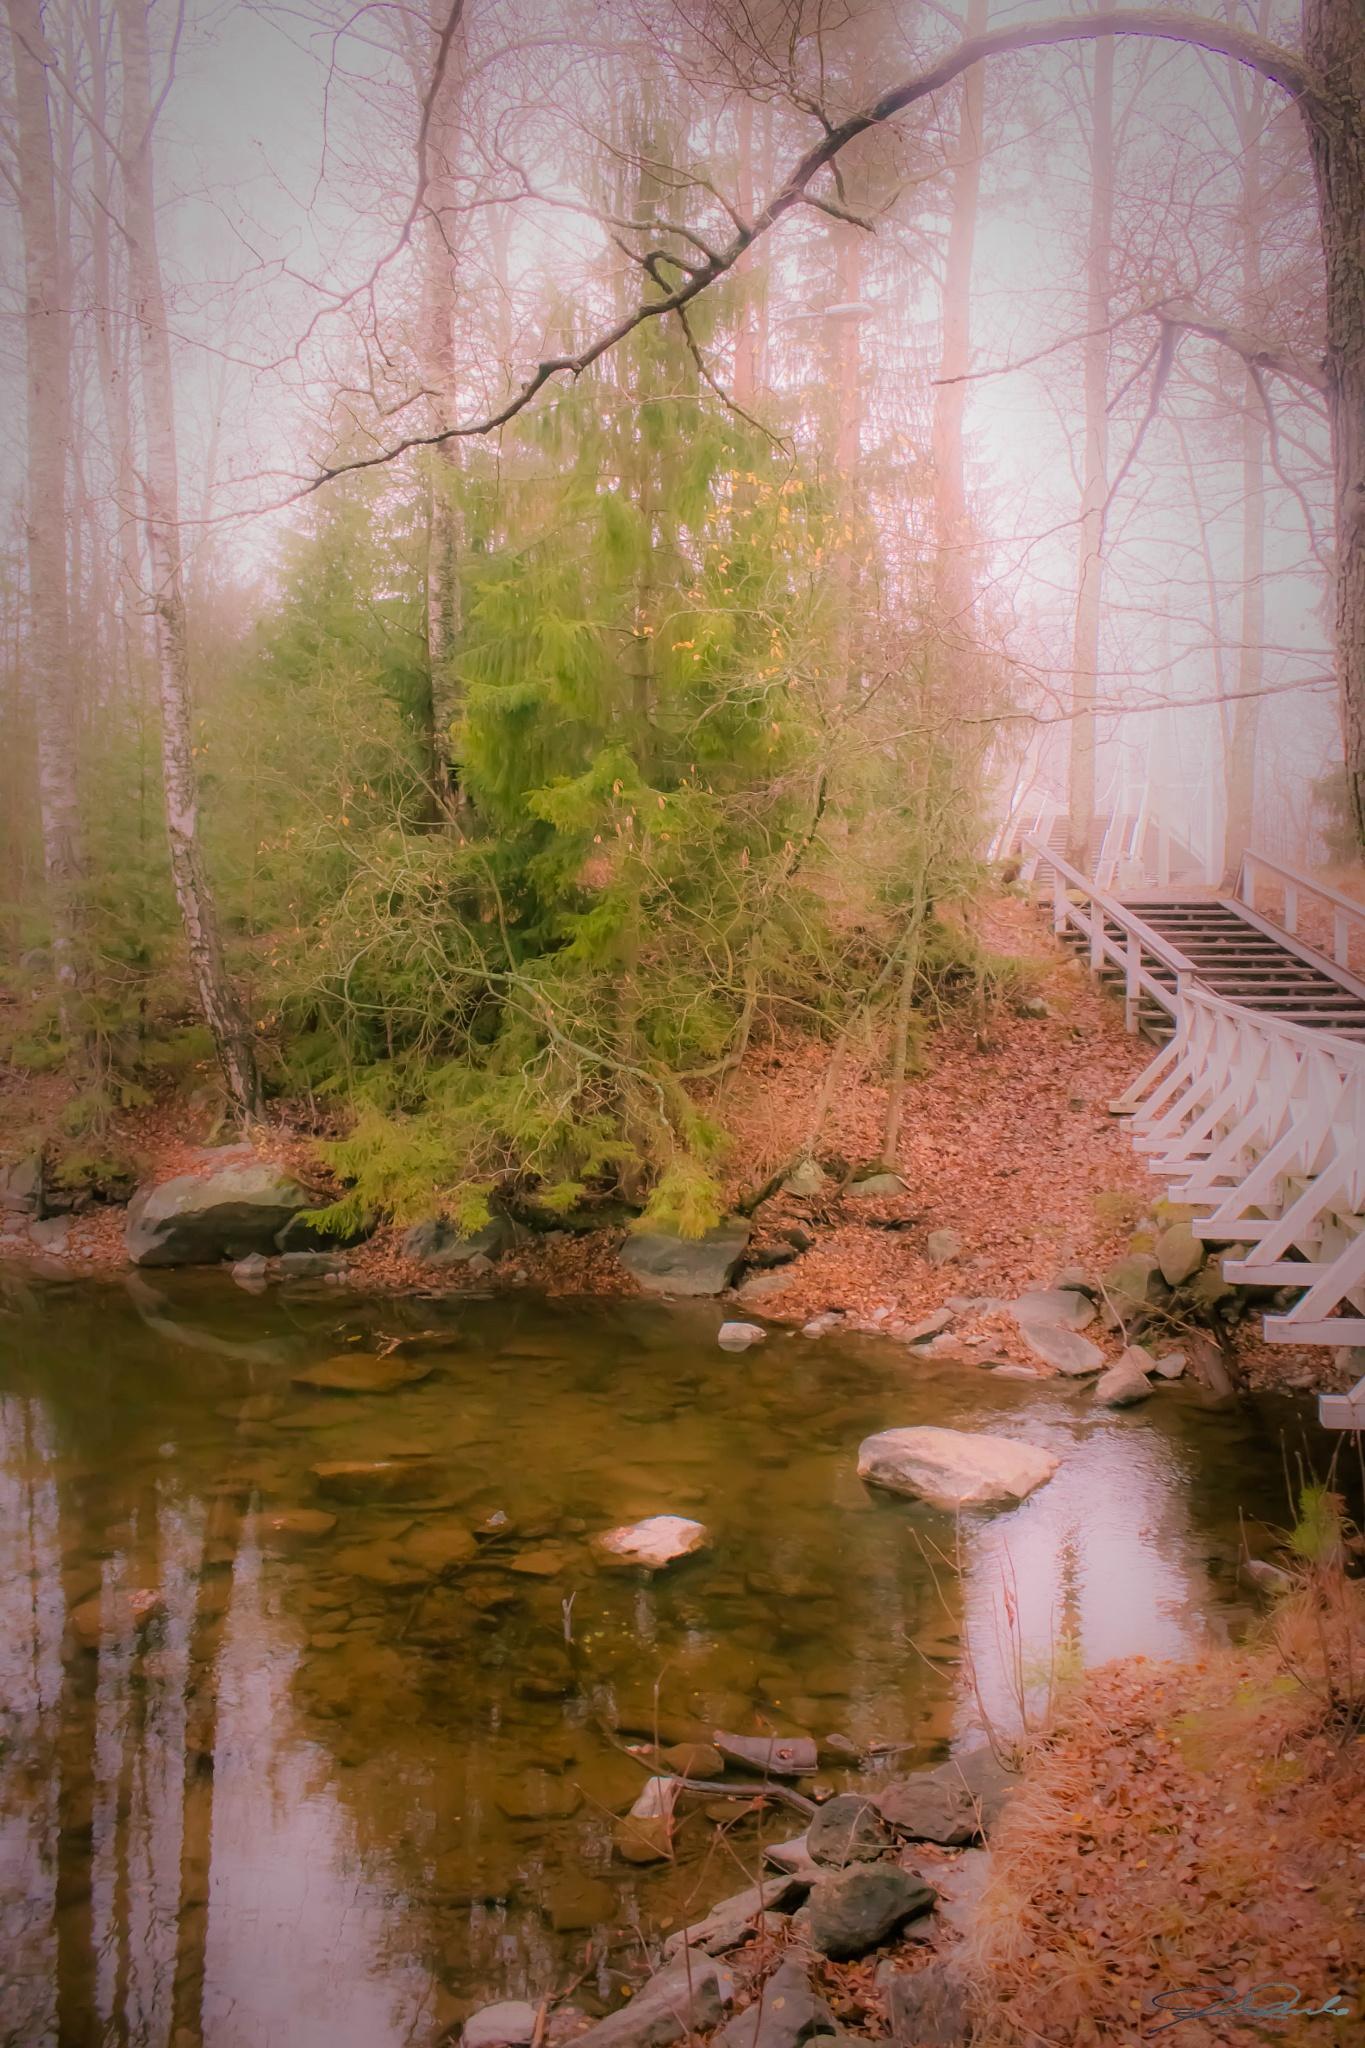 Trail through the fairy mist by Kicka Terho